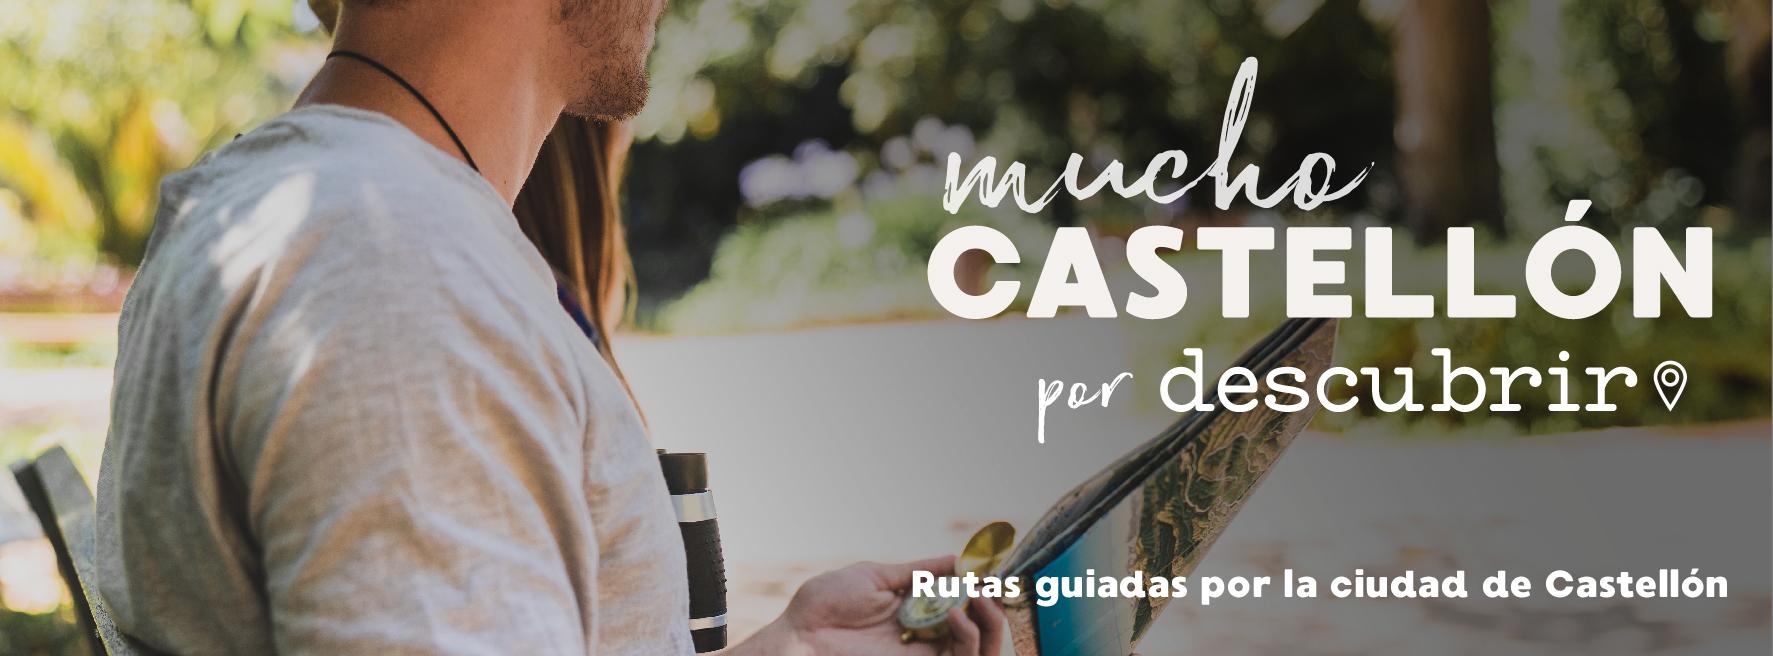 Visitas guiadas Castellón